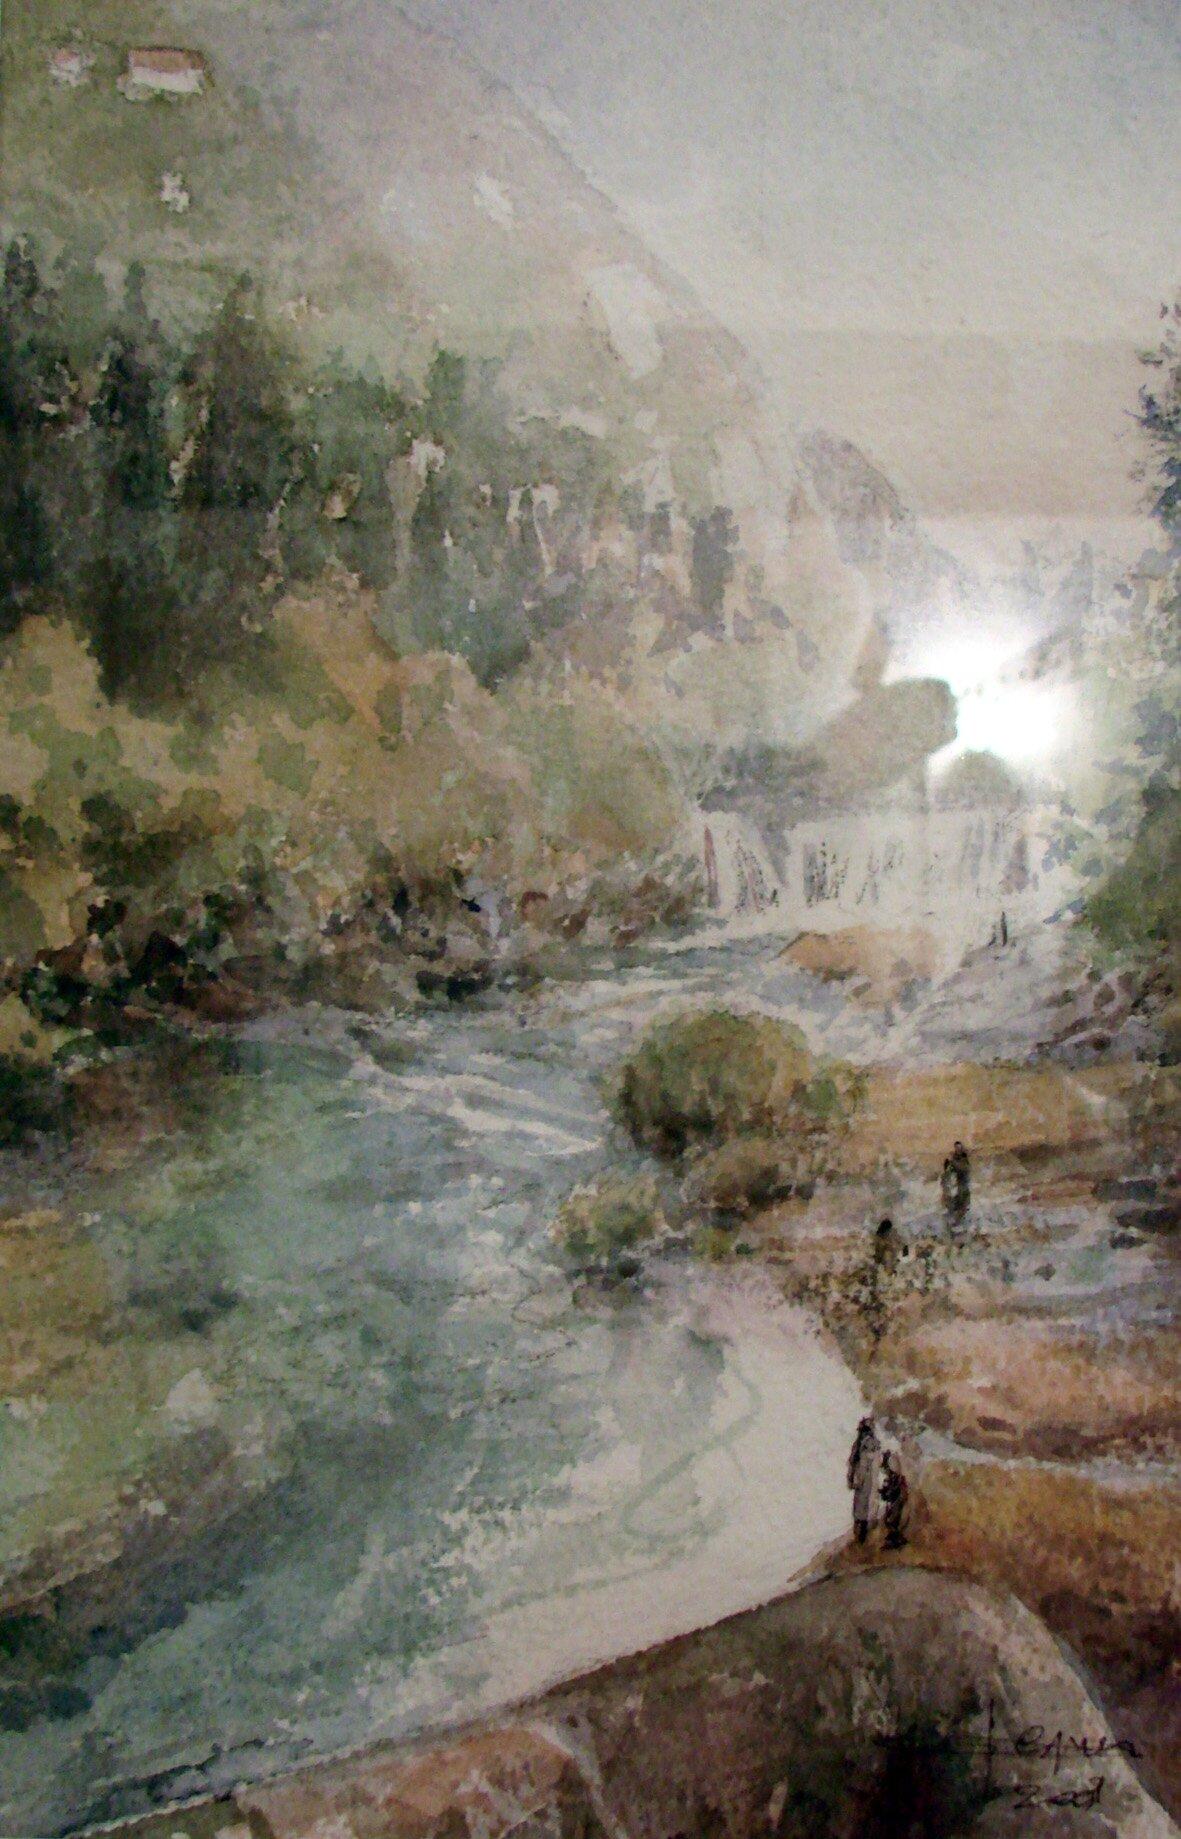 La cascade, aquarelle de Caroline Despres-Garnier